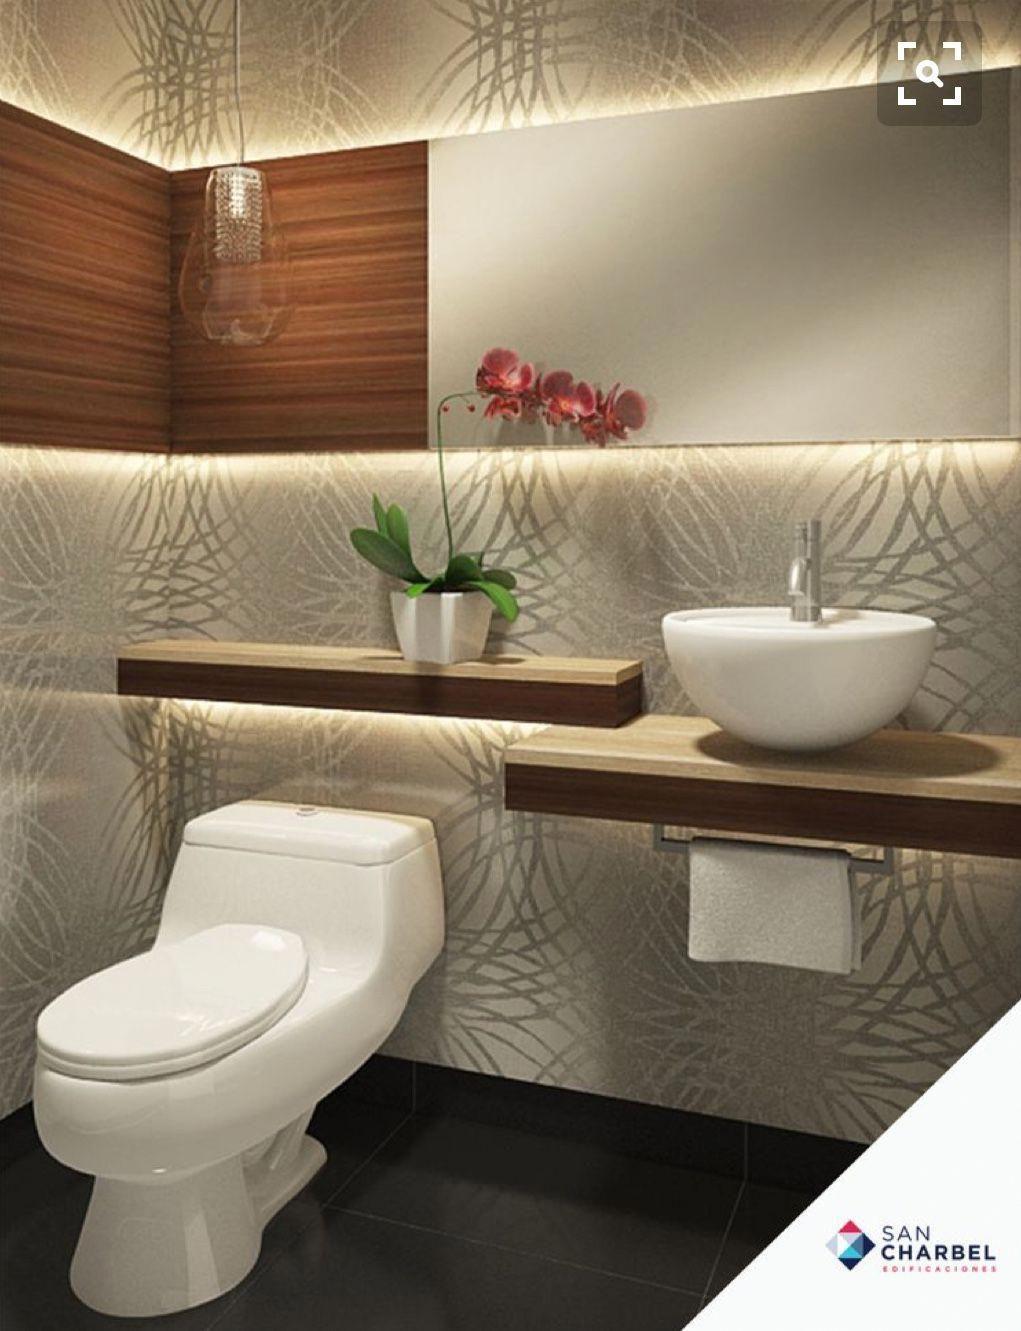 Hos Decoracionbanospequenos Banospequenos Kleine Badezimmer Design Badezimmer Dekor Badezimmer Innenausstattung